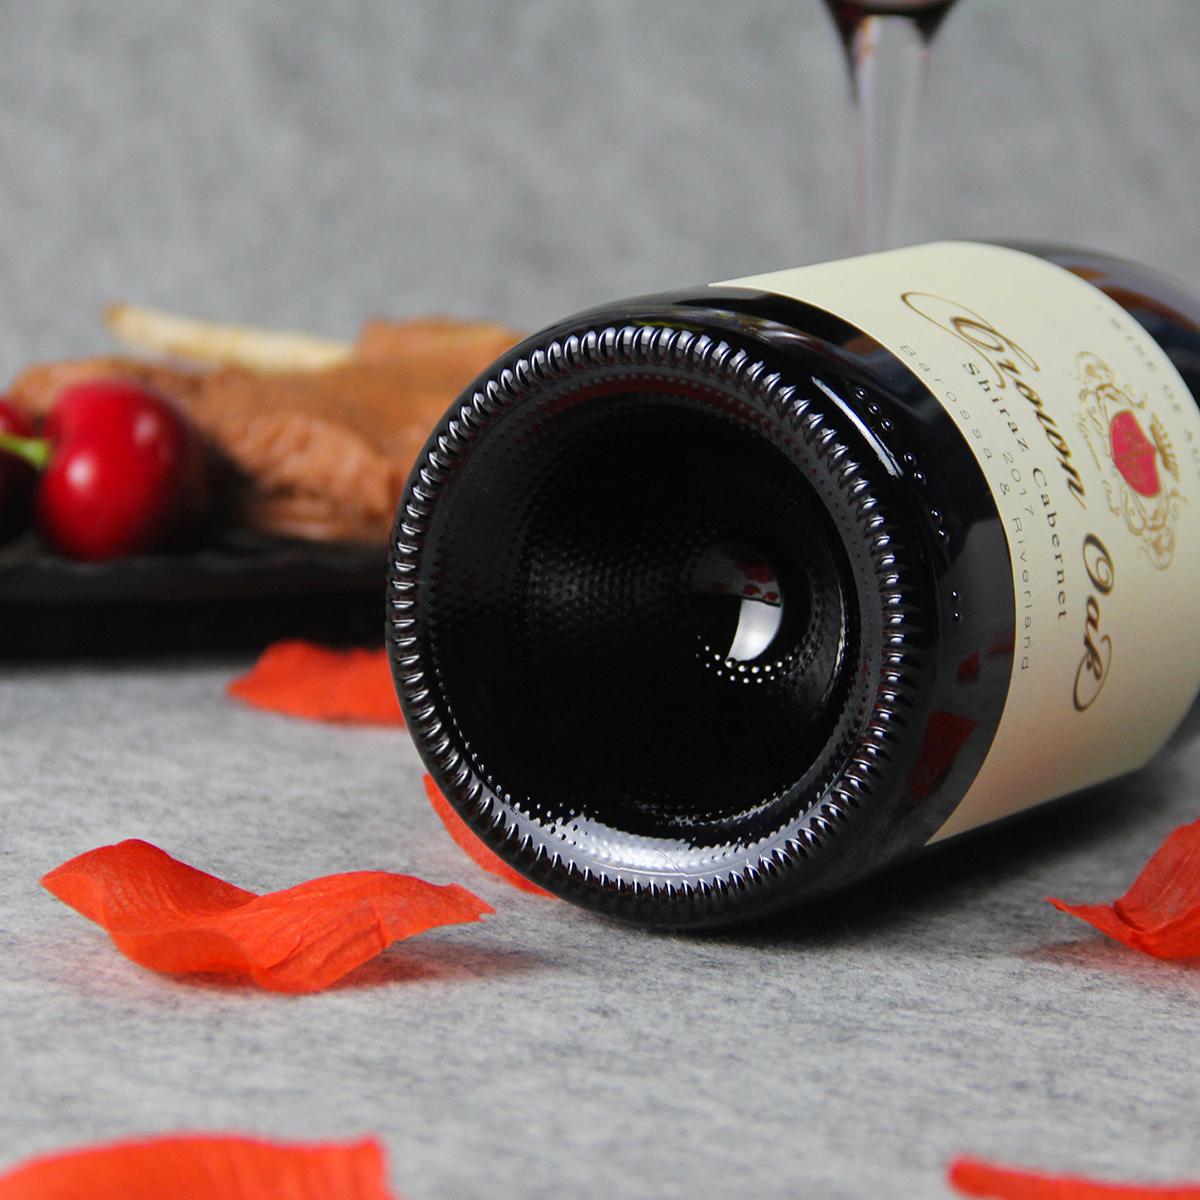 澳大利亚巴罗萨山谷皇冠金橡西拉赤霞珠混酿干红葡萄酒红酒